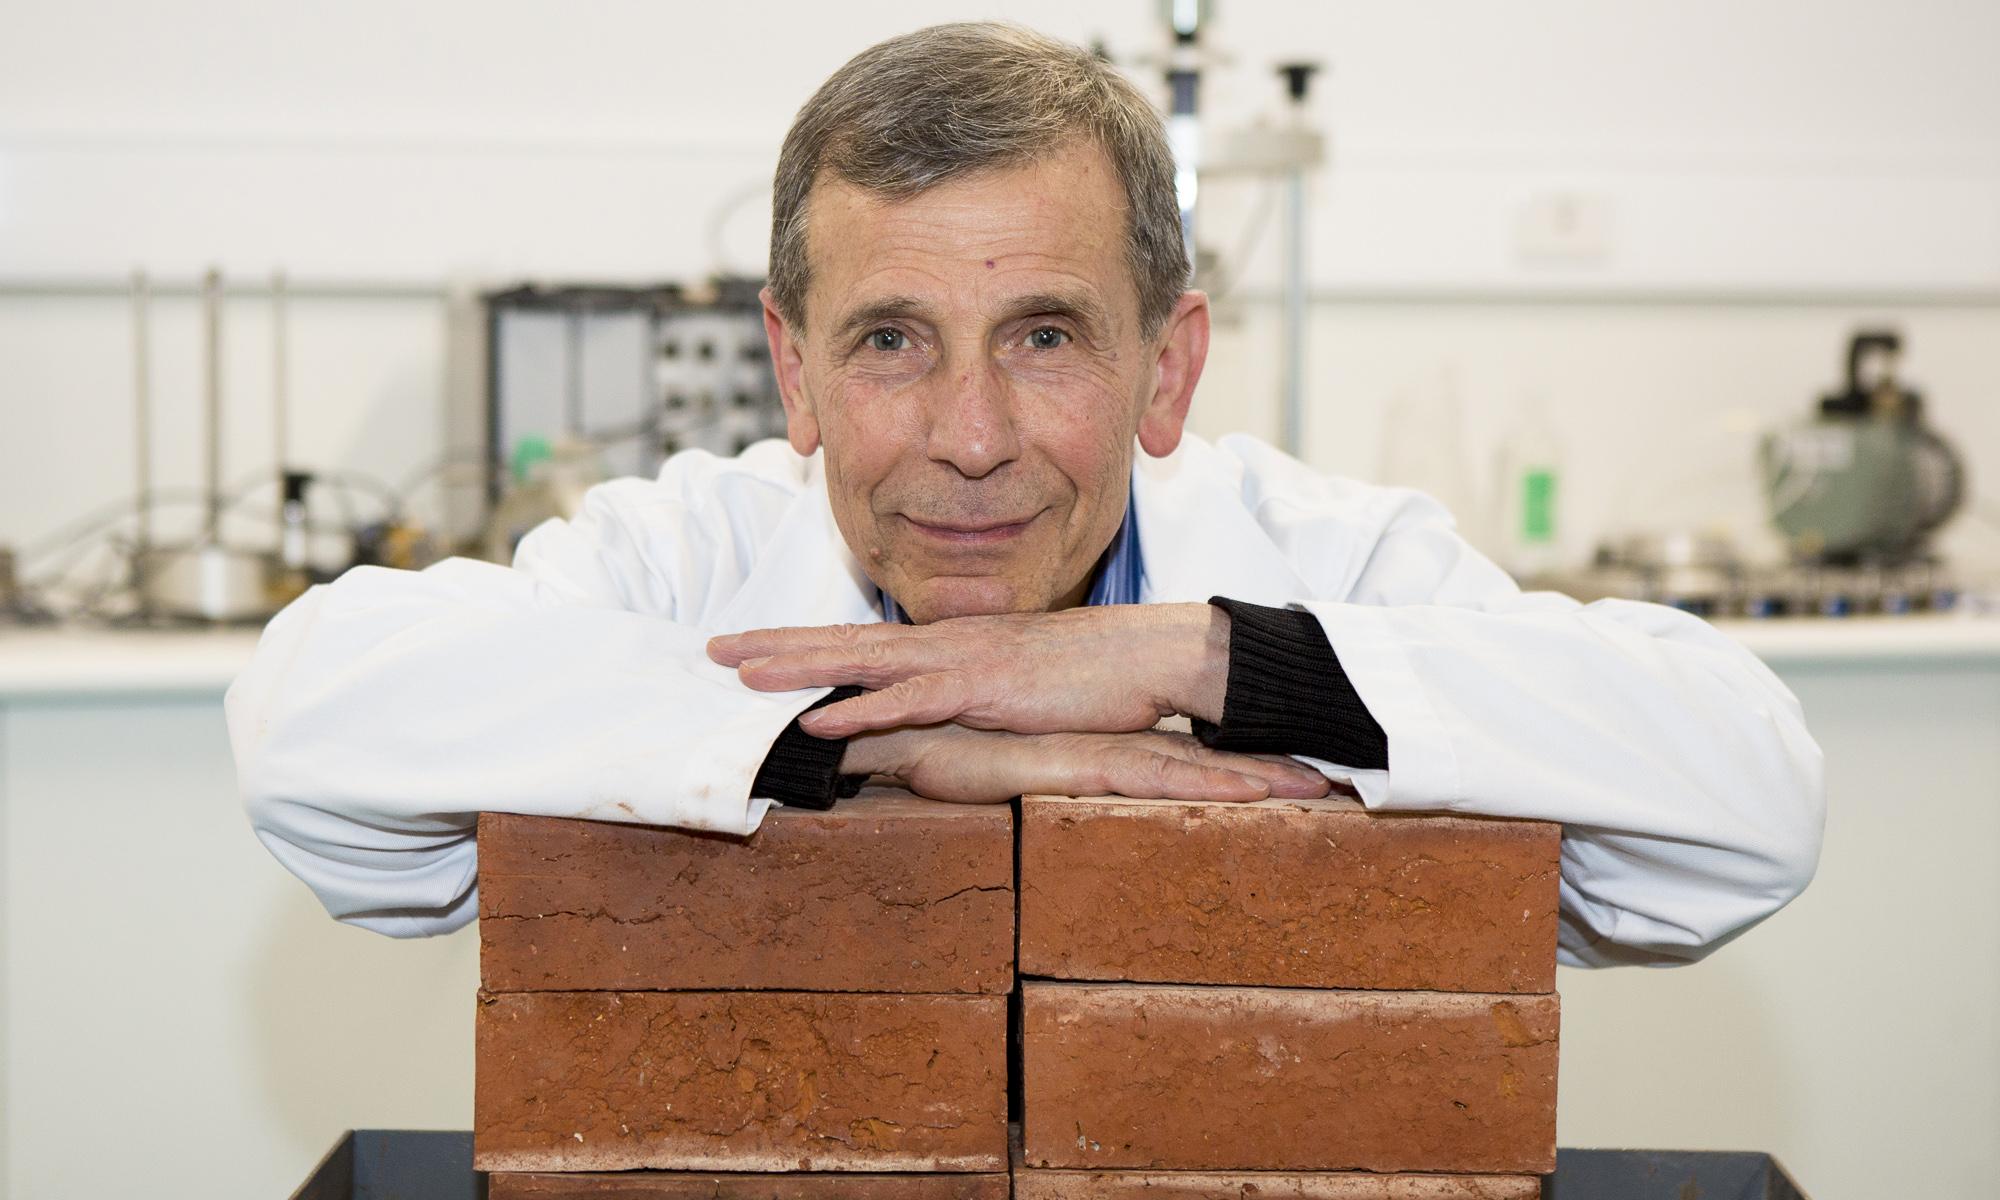 Chủ nhiệm nhóm nghiên cứu Phó giáo sư Abbas Mohajerani và gạch làm từ đầu lọc thuốc lá. | Ảnh: RMIT